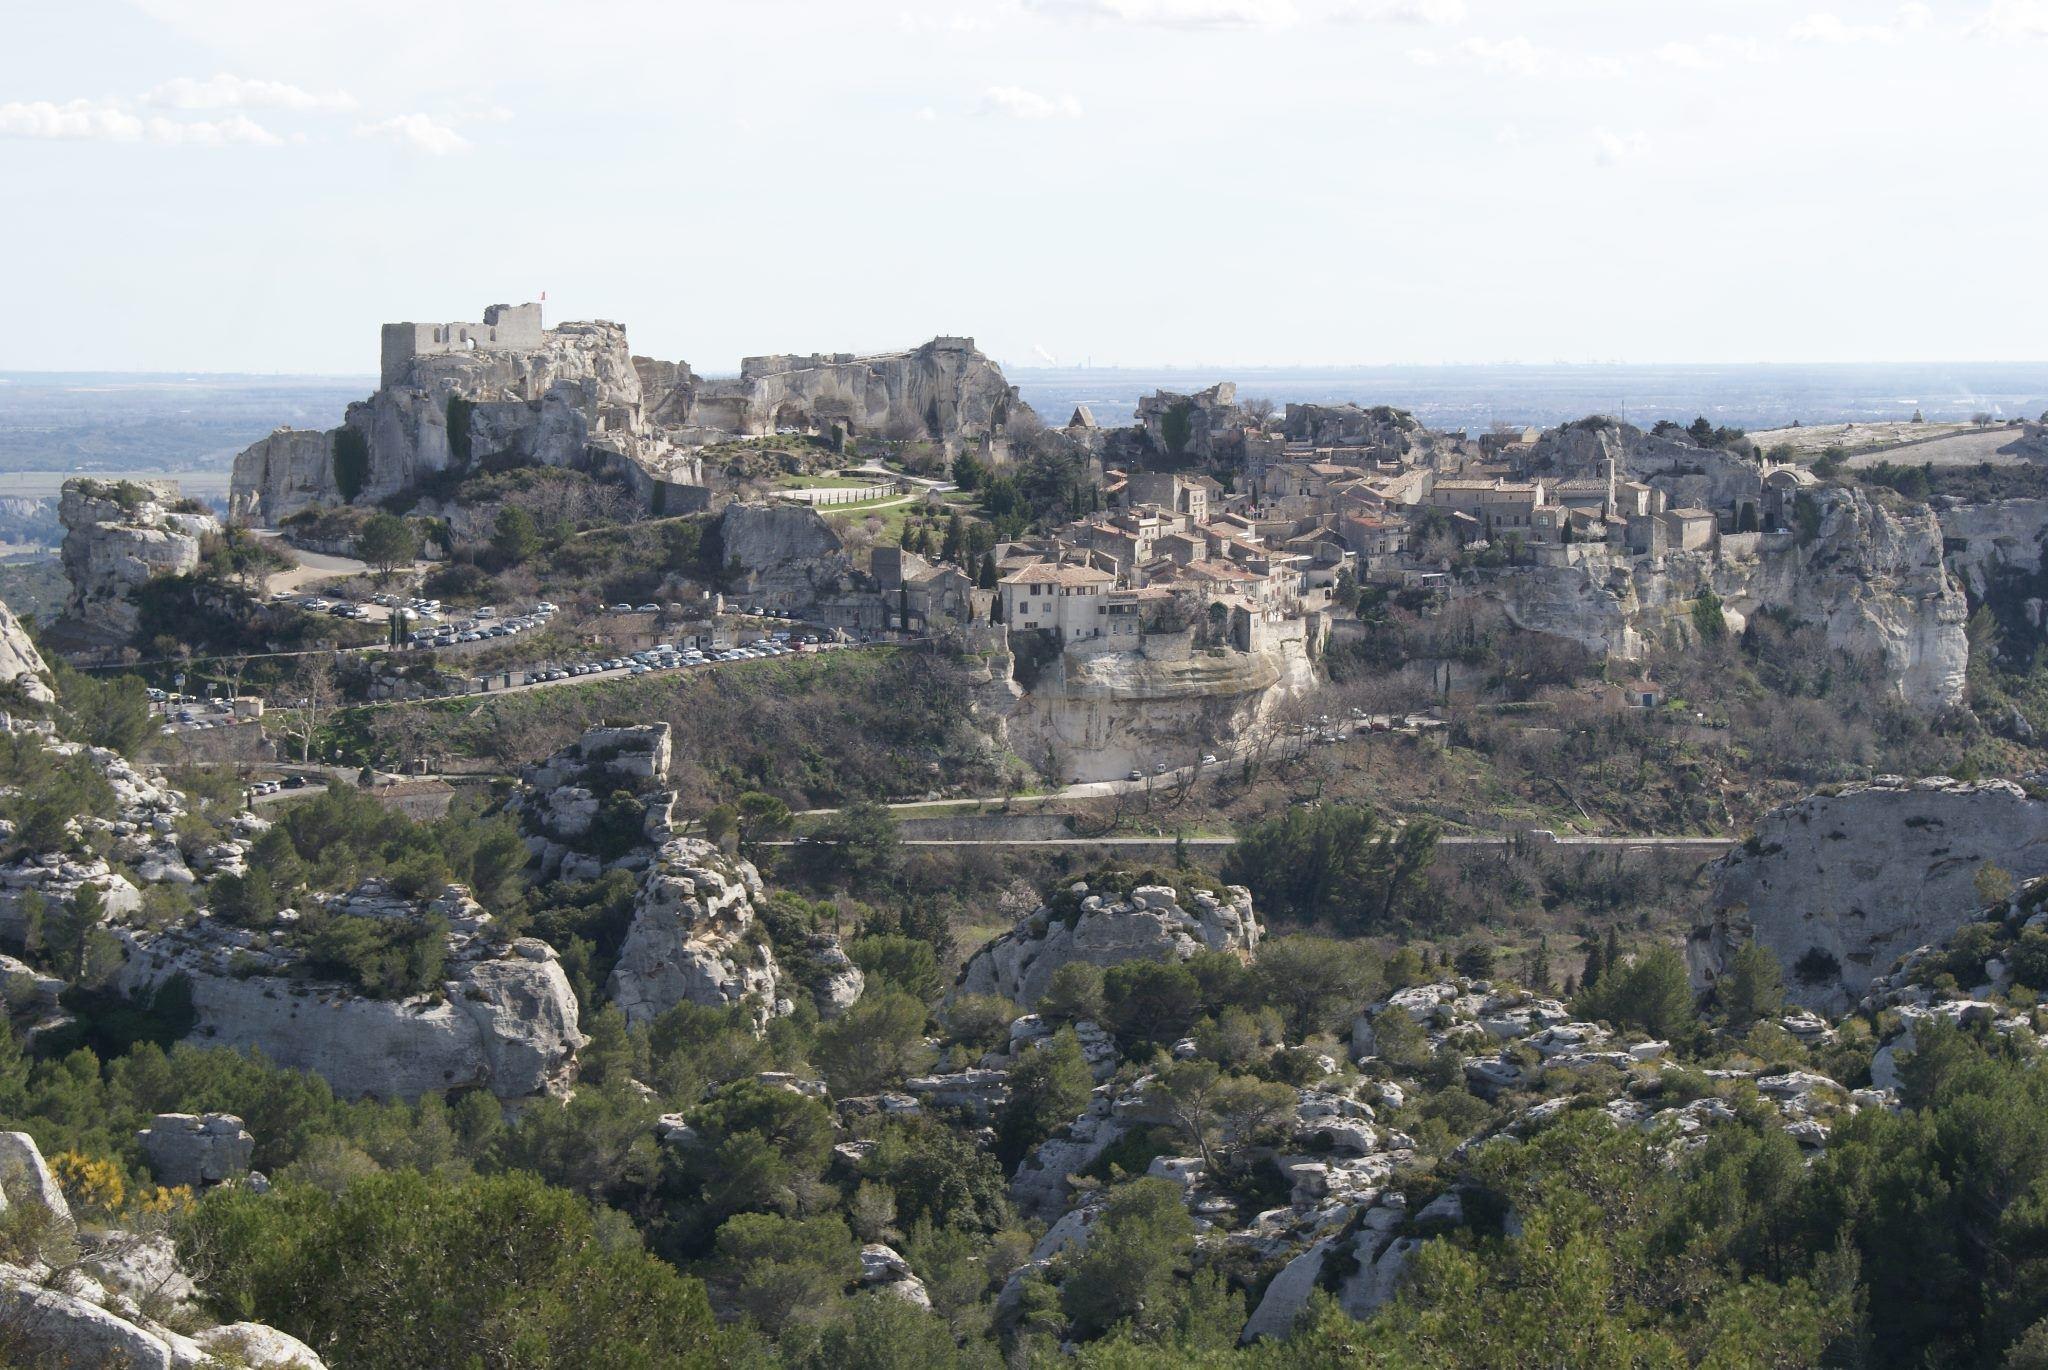 Saint Rémy de Provence - Les Baux de Provence - Arles